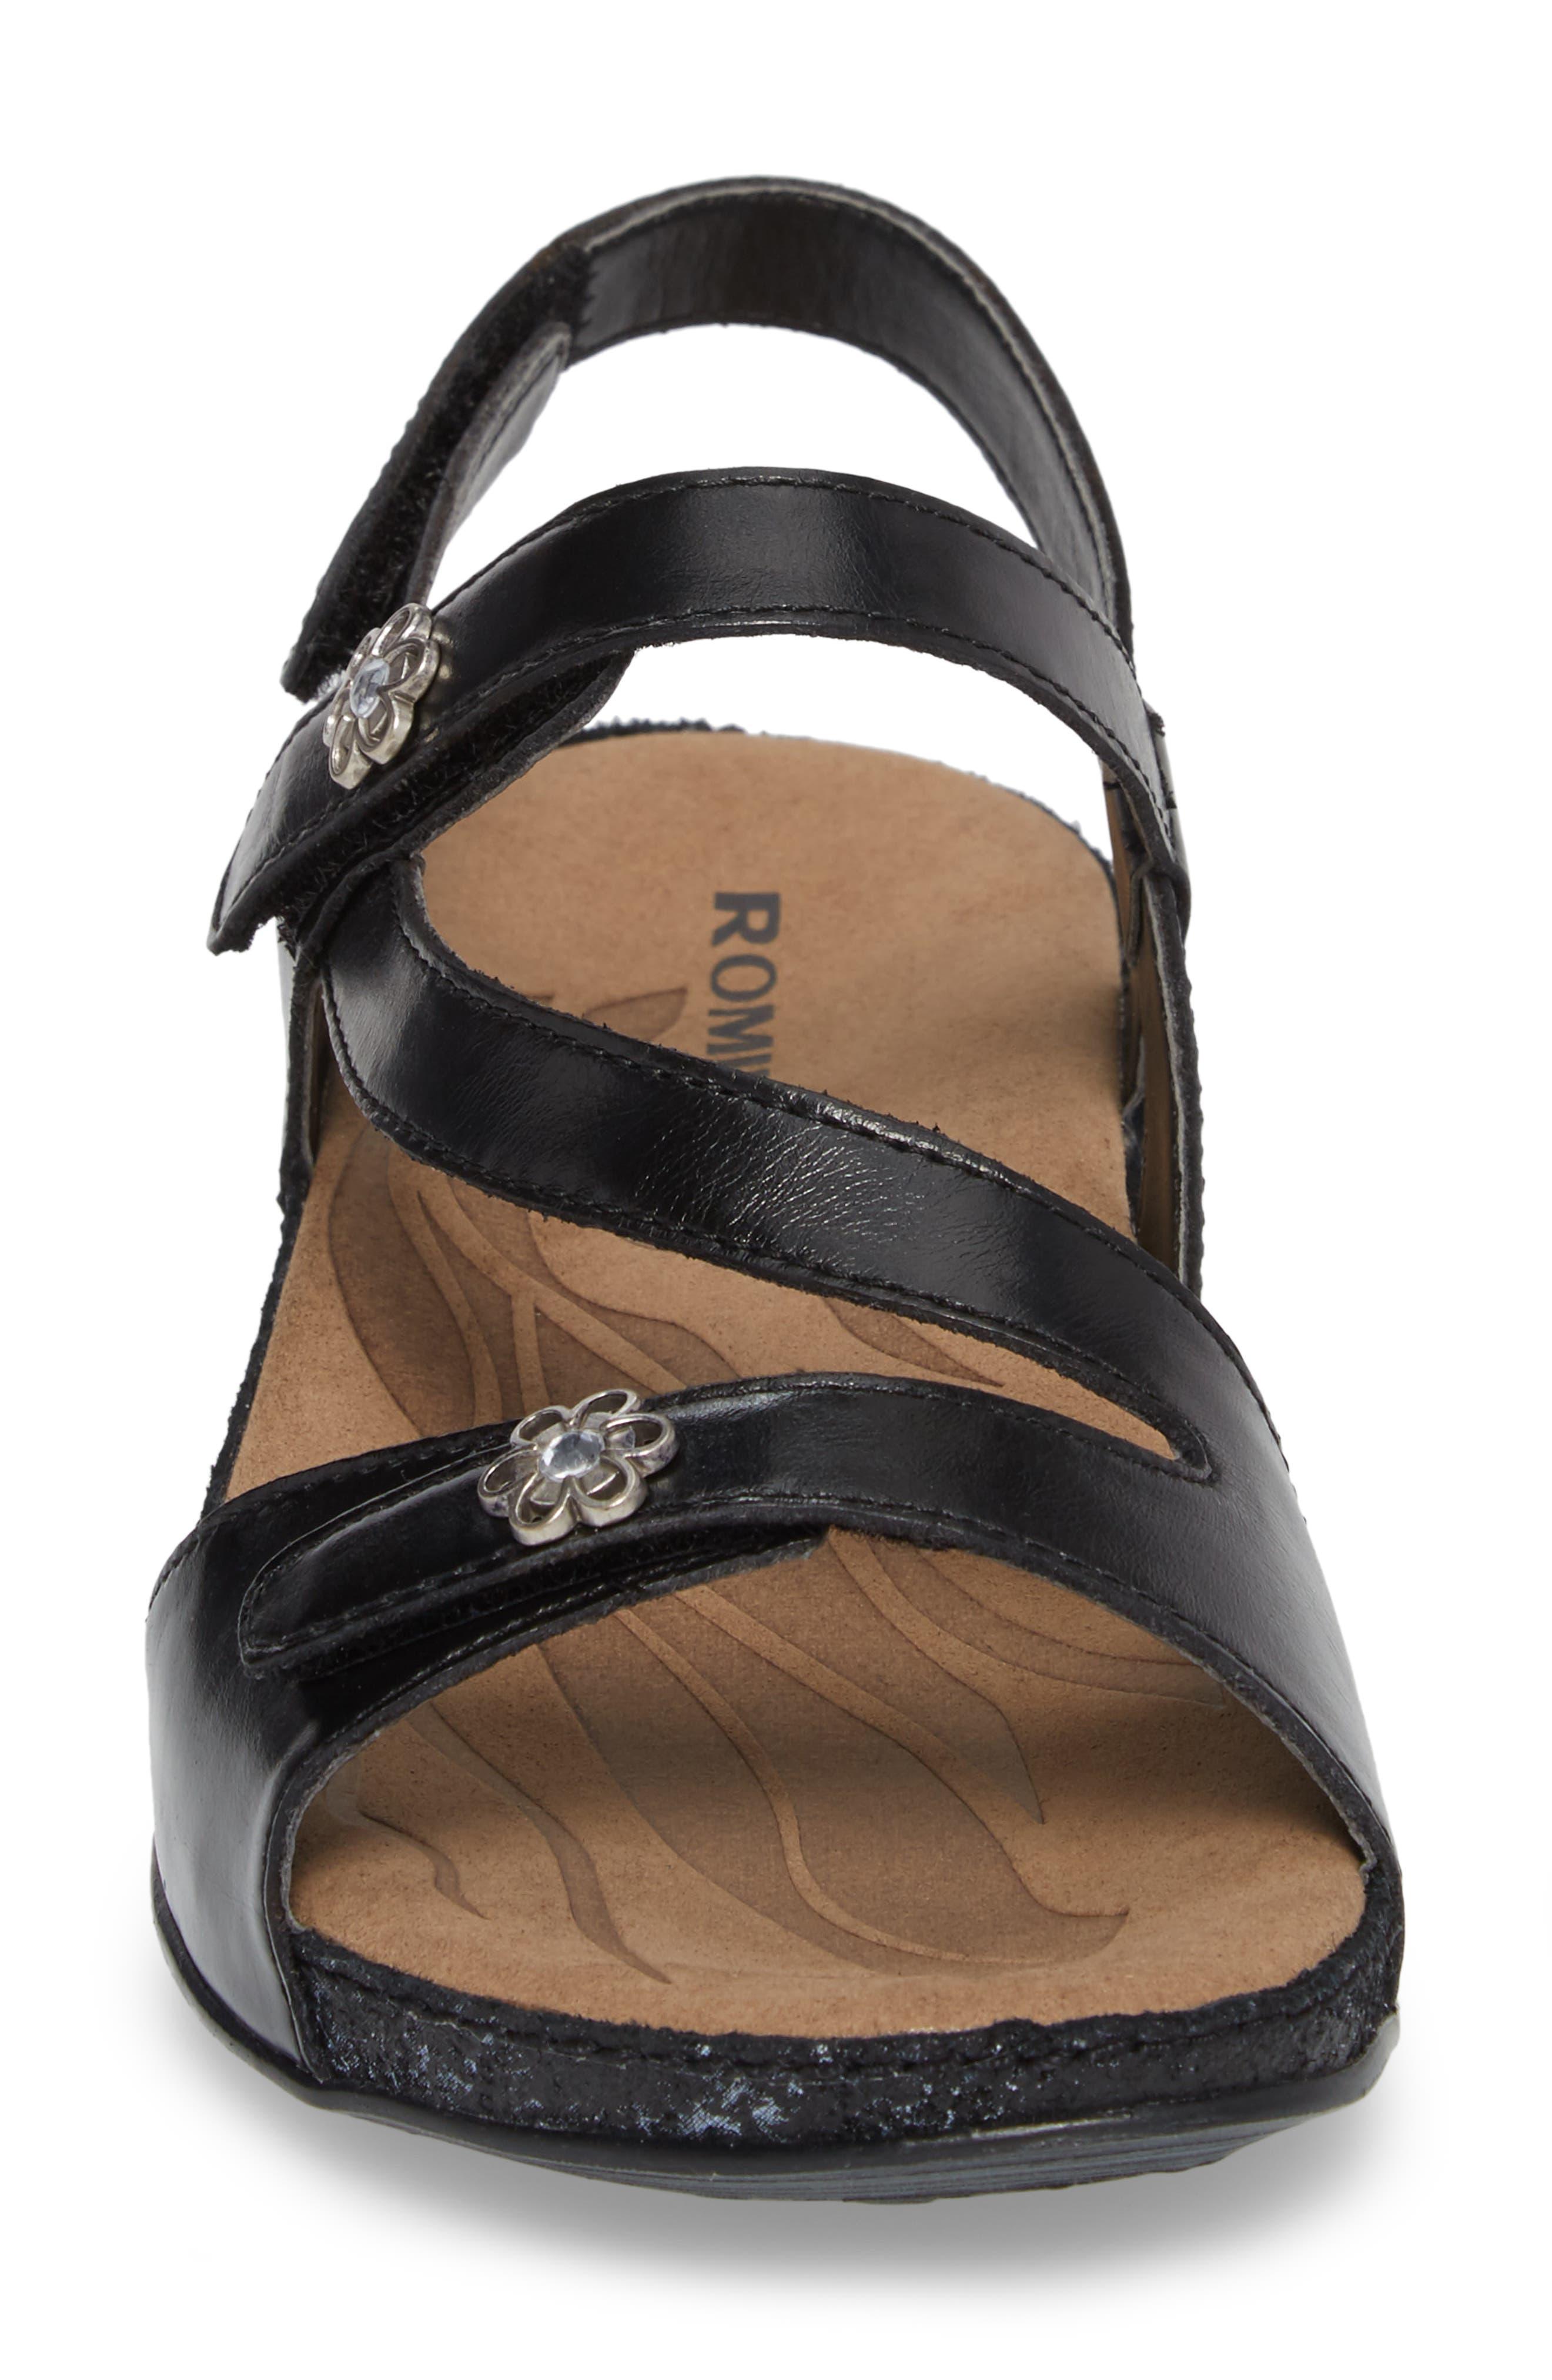 Fidschi 54 Sandal,                             Alternate thumbnail 4, color,                             003